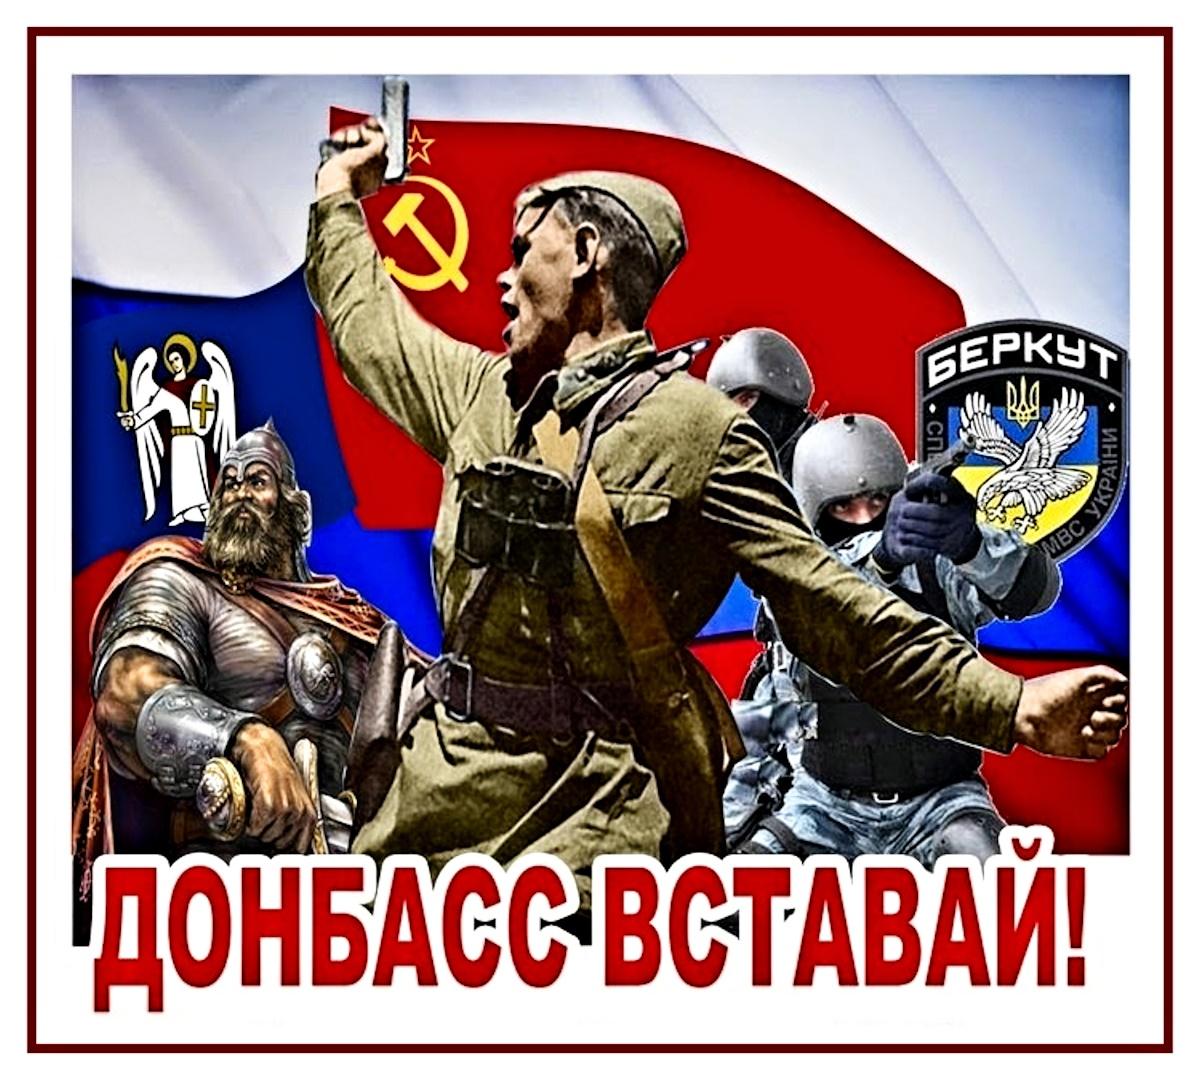 00 Donbass Arise! 24.05.14